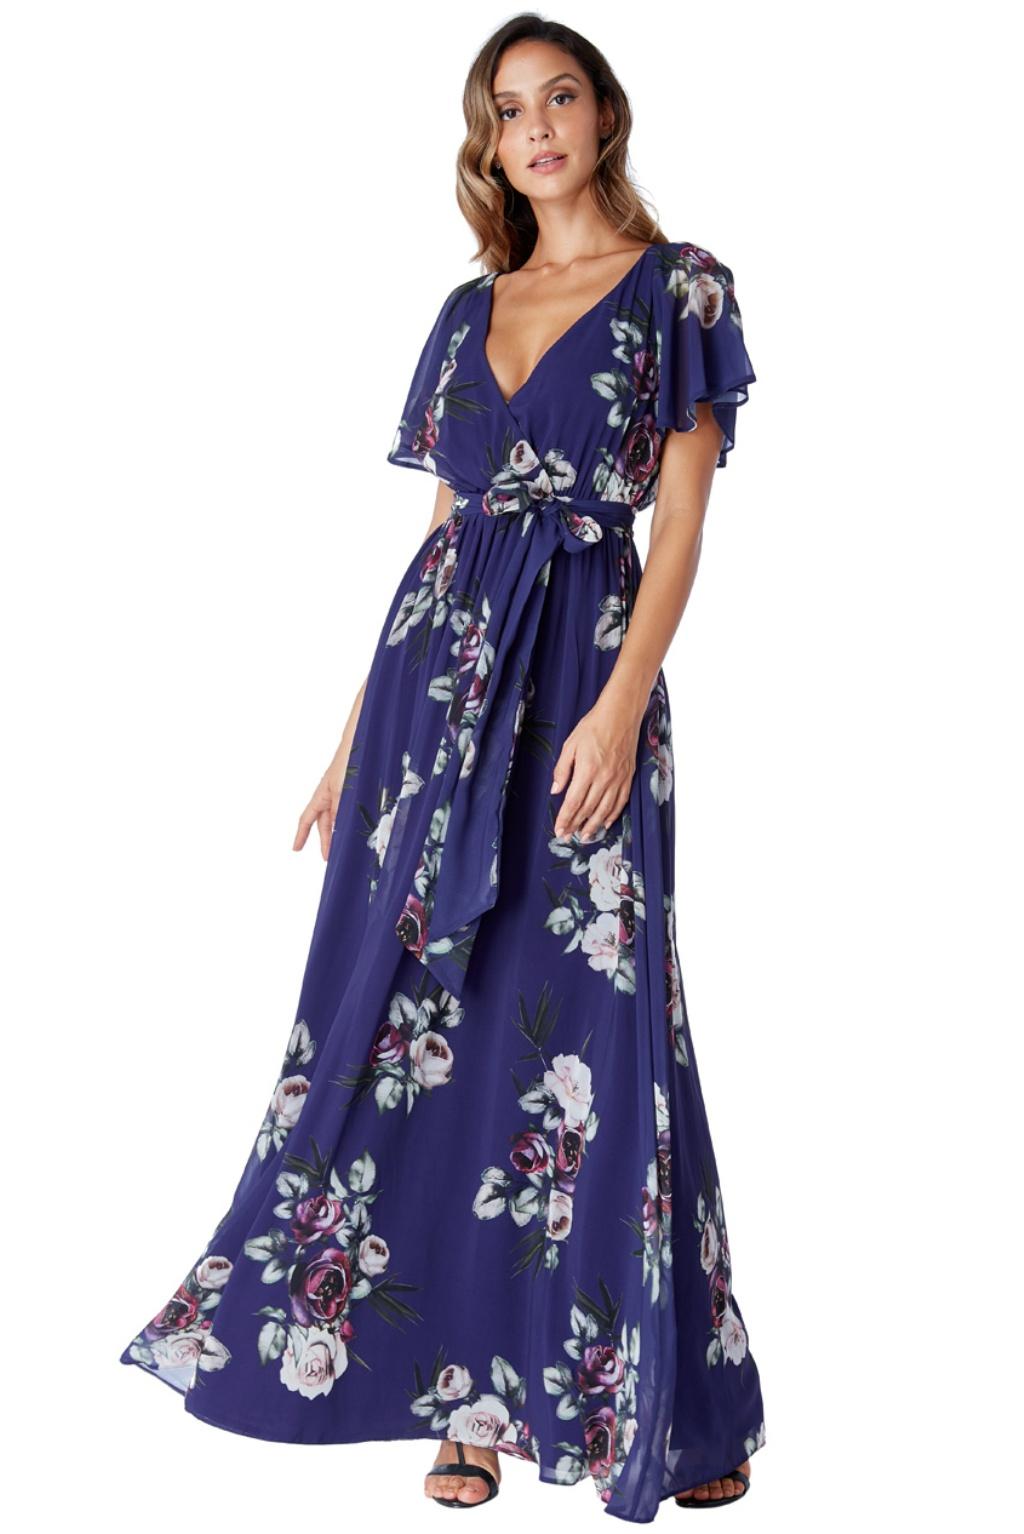 Modré dlhé šifónové šaty s kvetinami Veľkosť: S